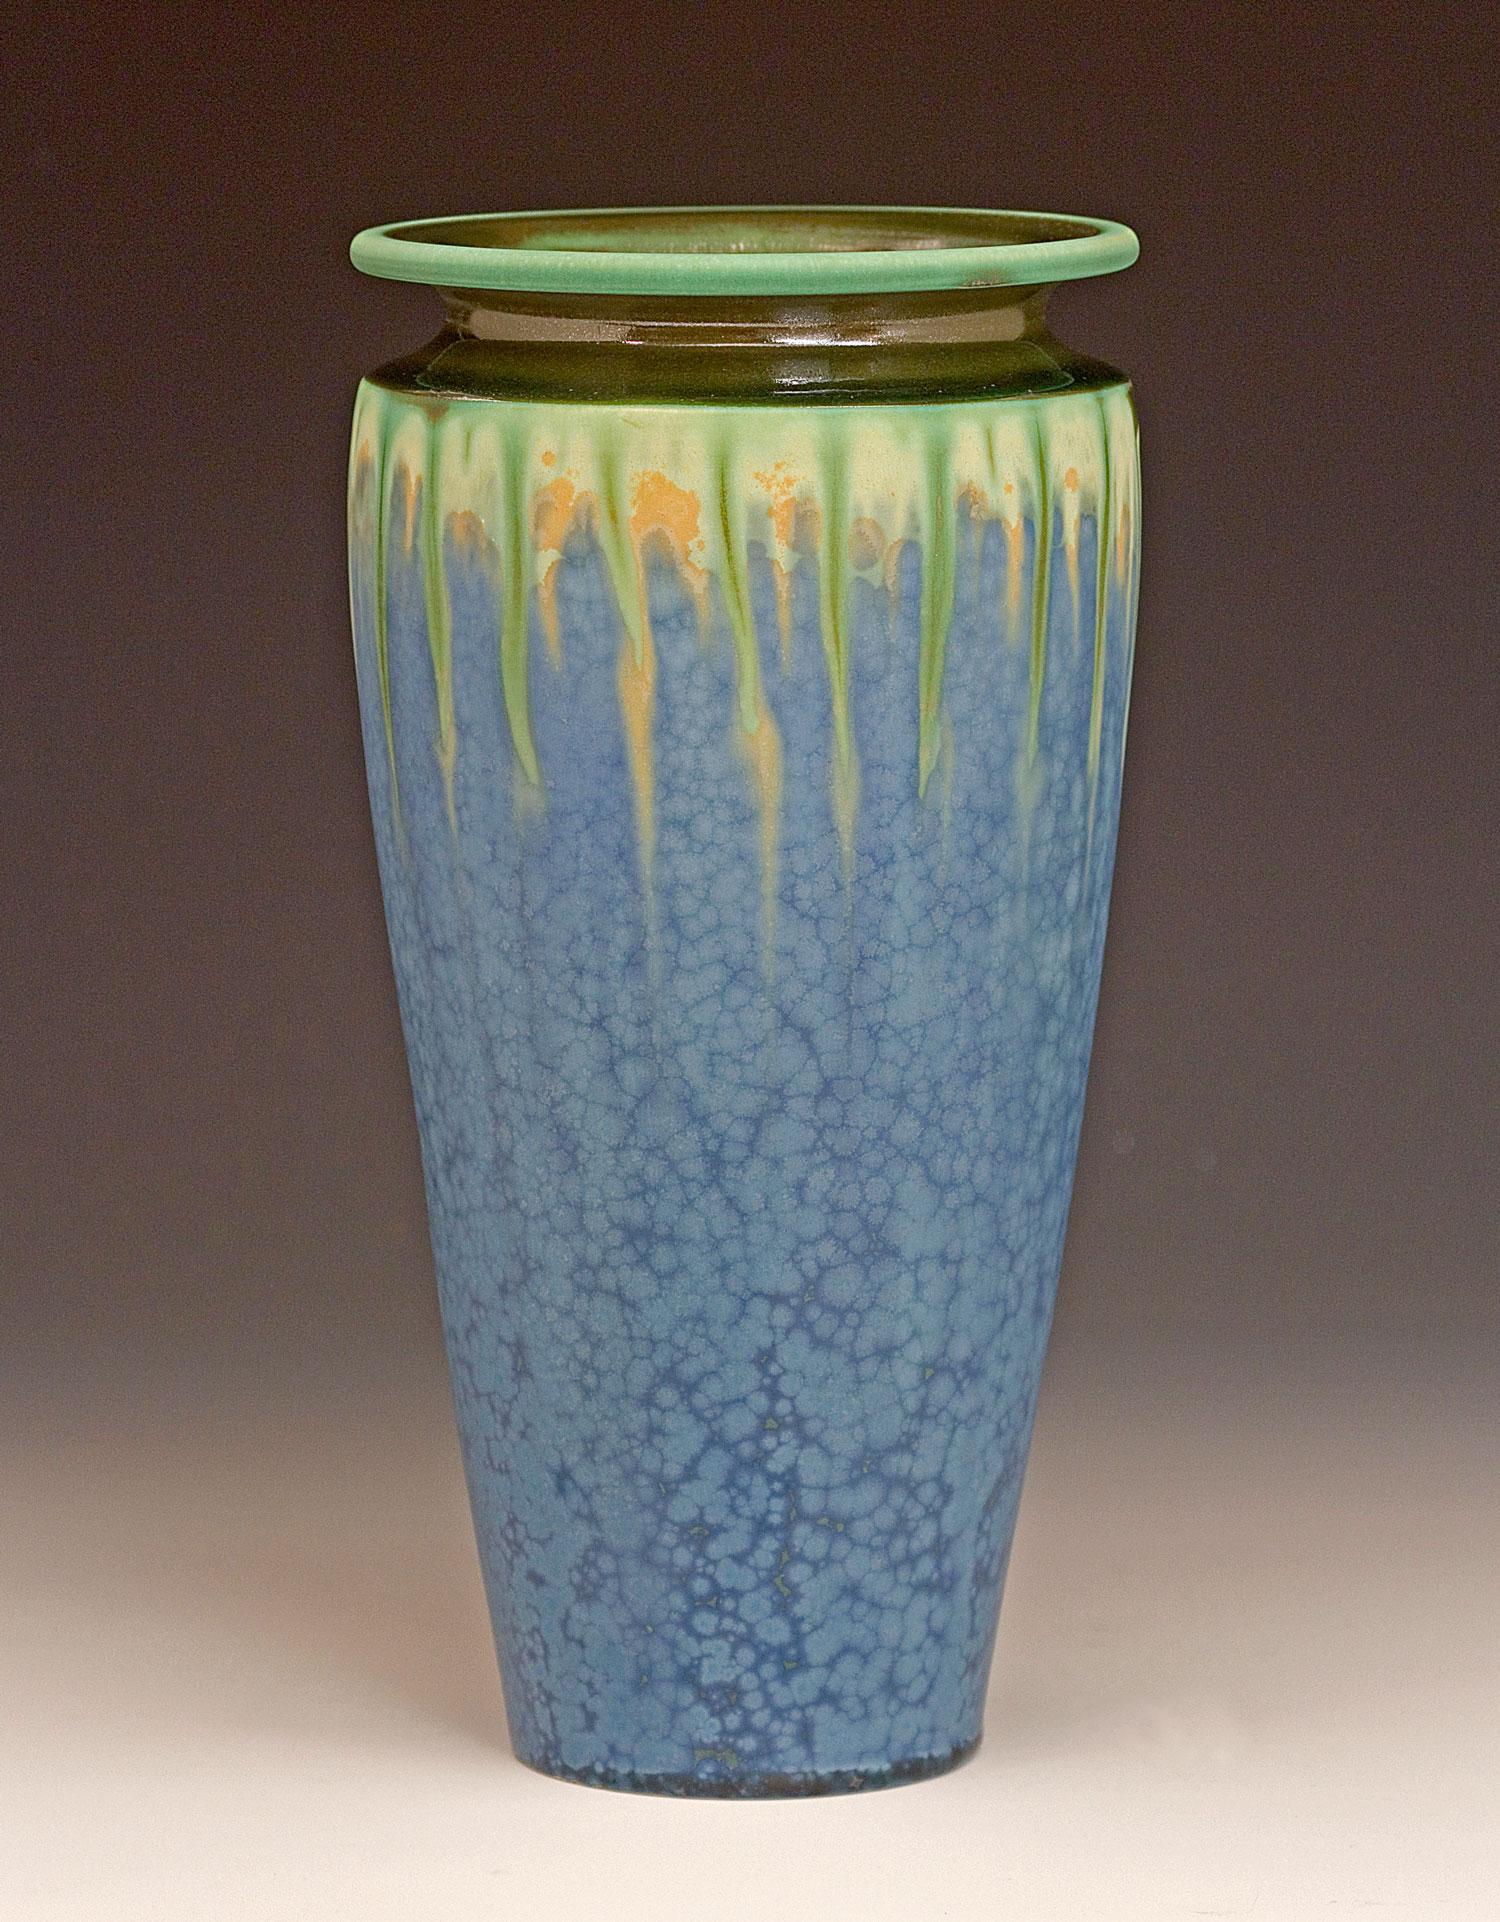 American-Art-Pottery-Bruce-Gholson-Crystalline-Vase.jpg